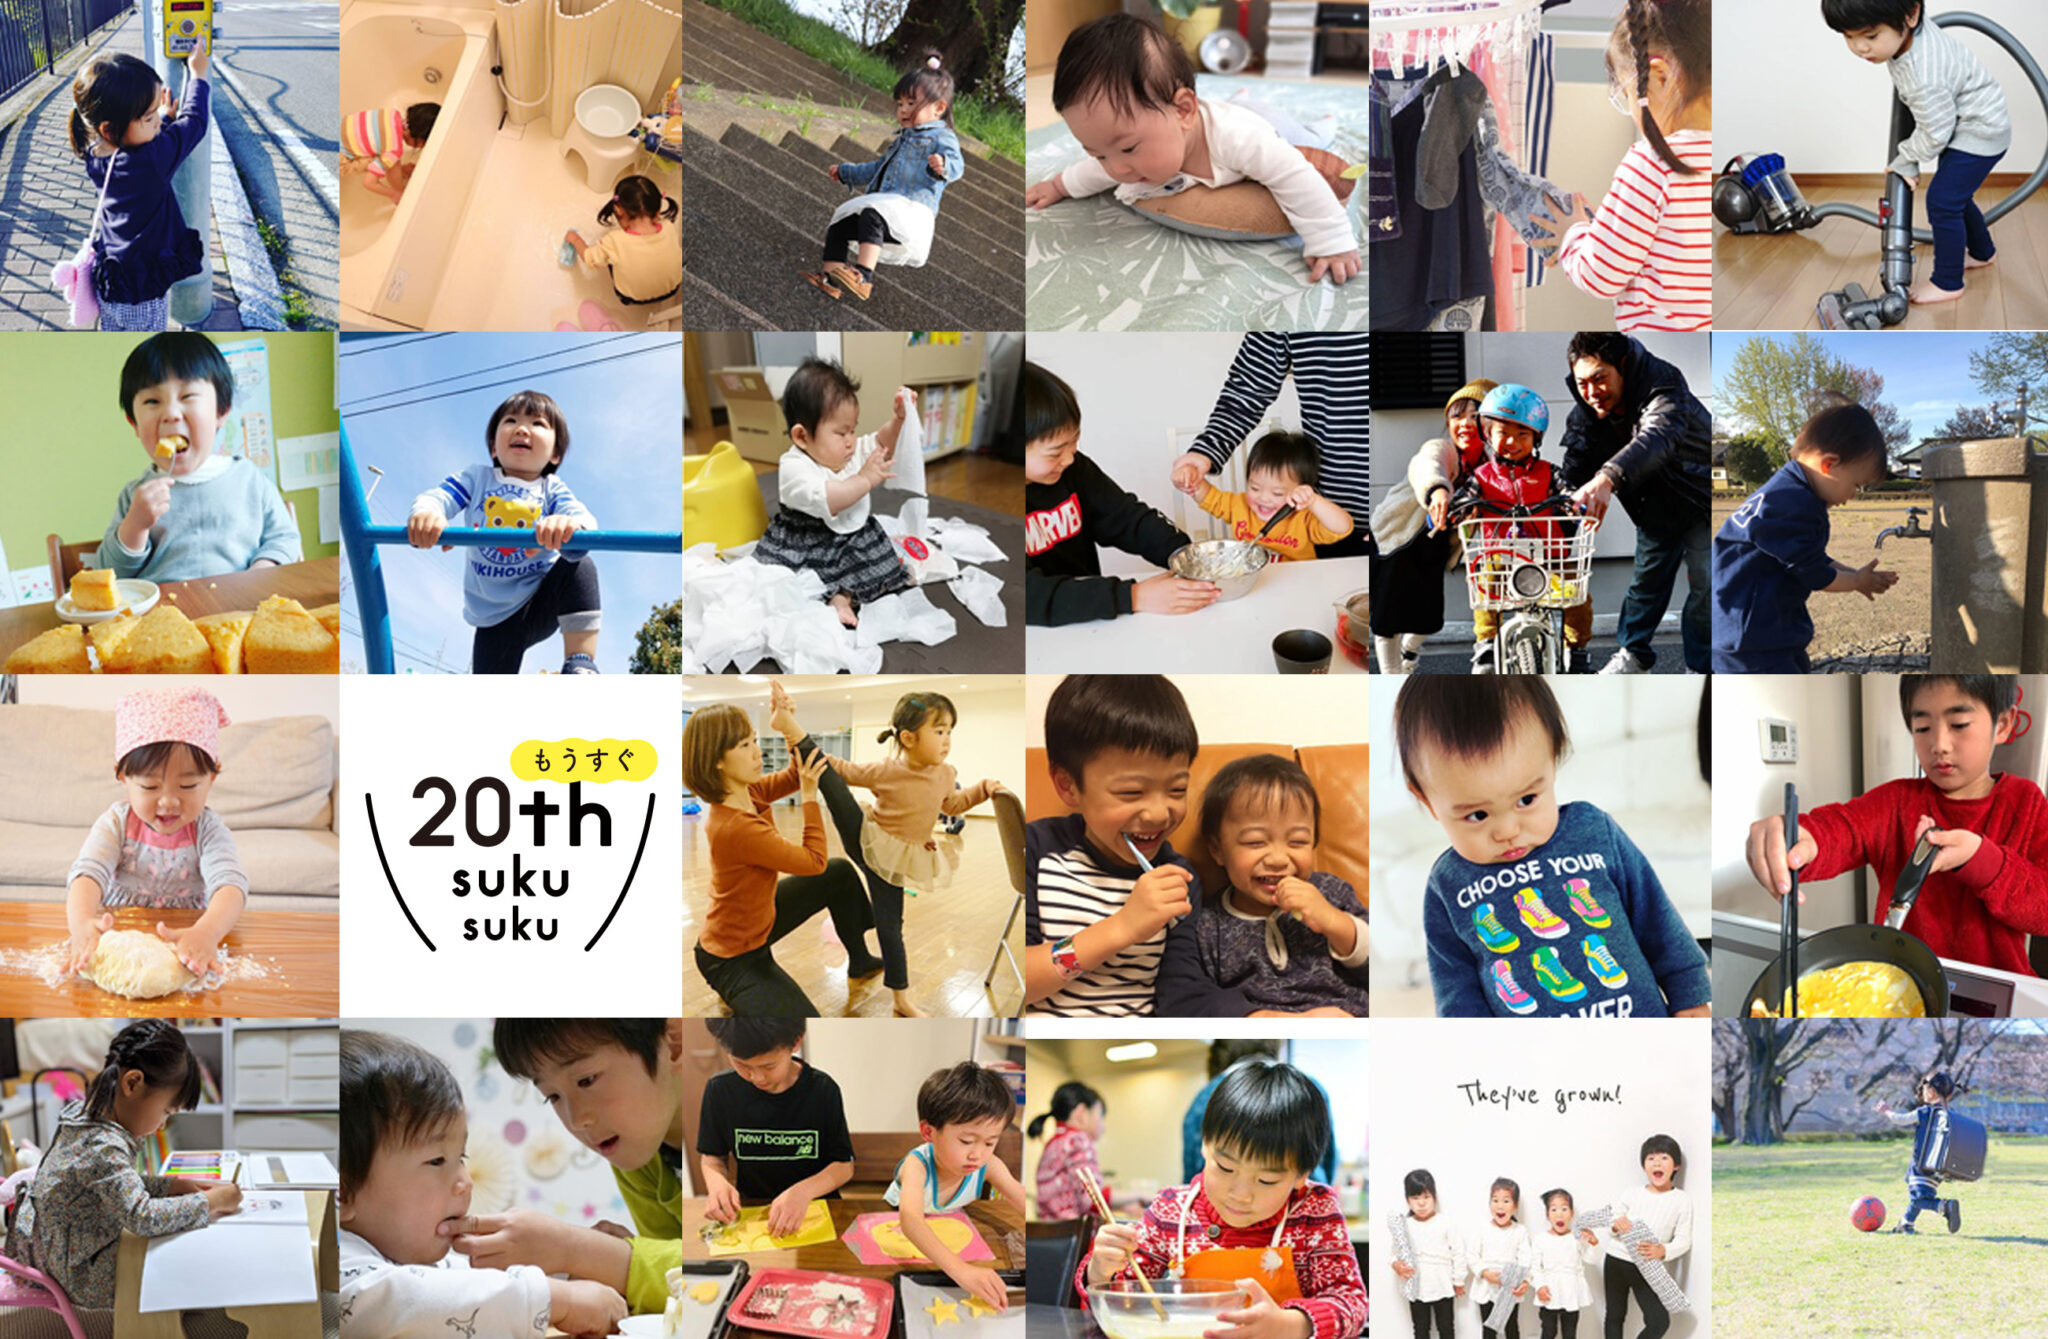 「すくすくチェア」もうすぐ20周年を記念し、『子どもの「すくすく」フォトキャンペーン』開催しました